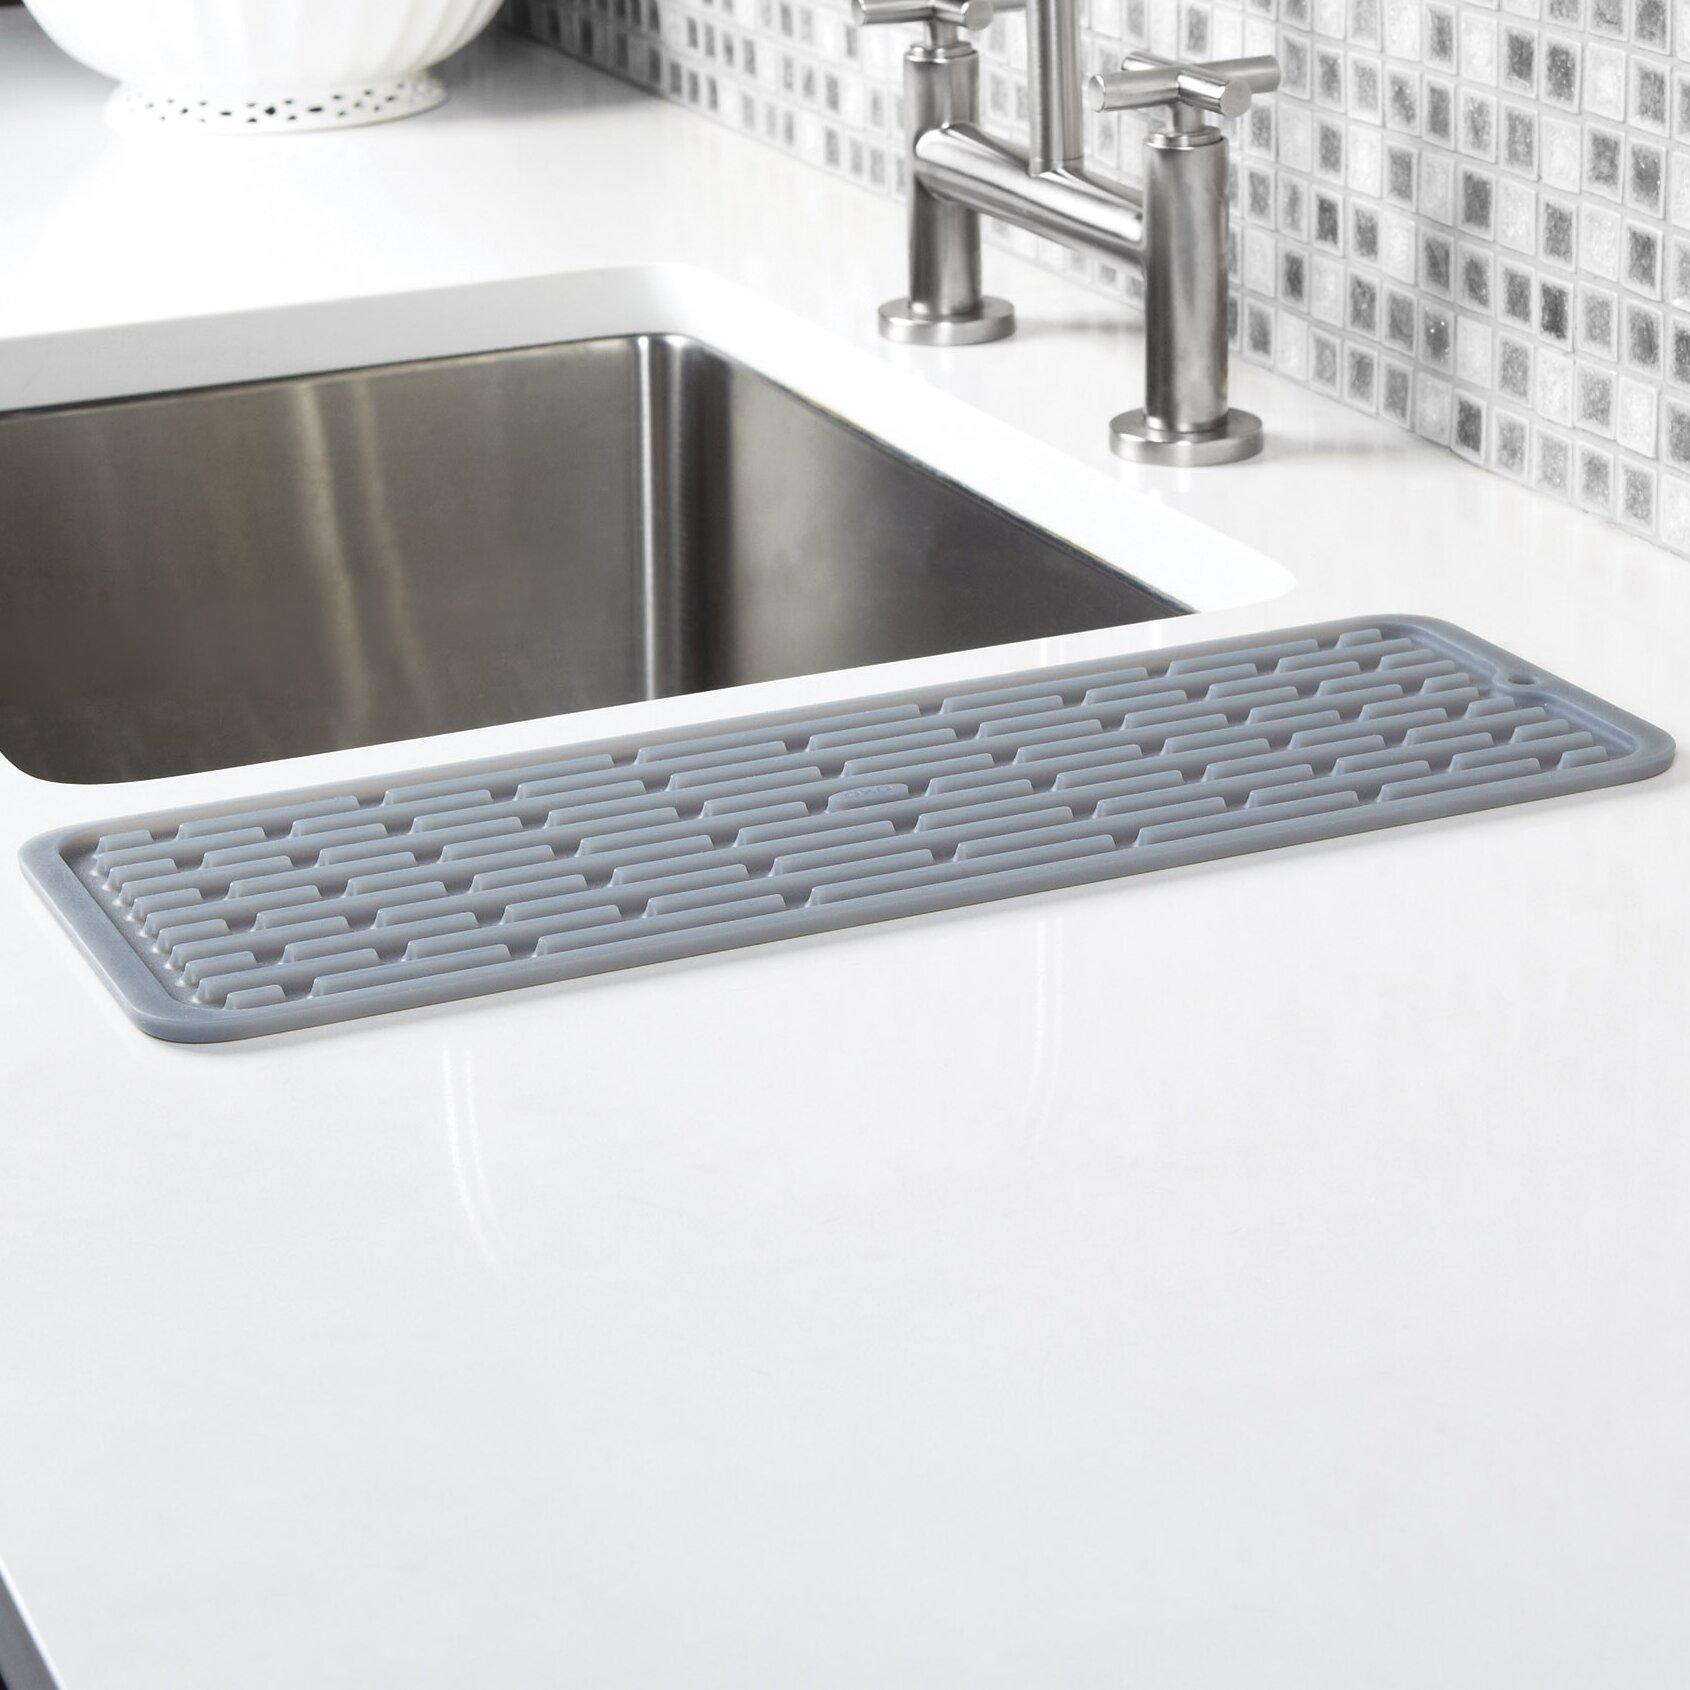 mat for kitchen sink